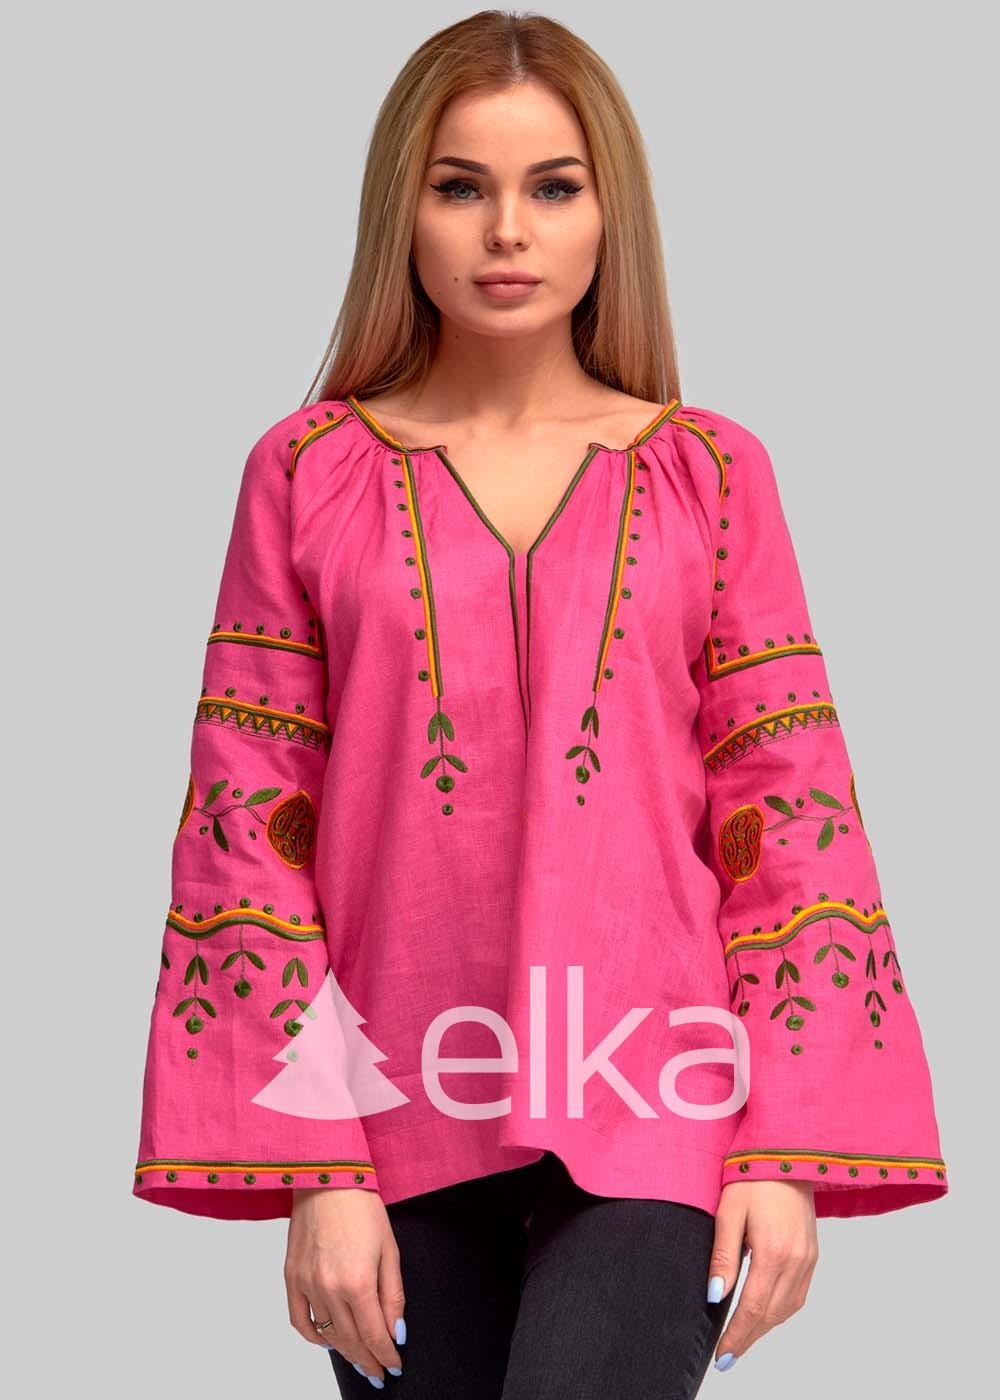 Вышиванка женская ярко-розовая